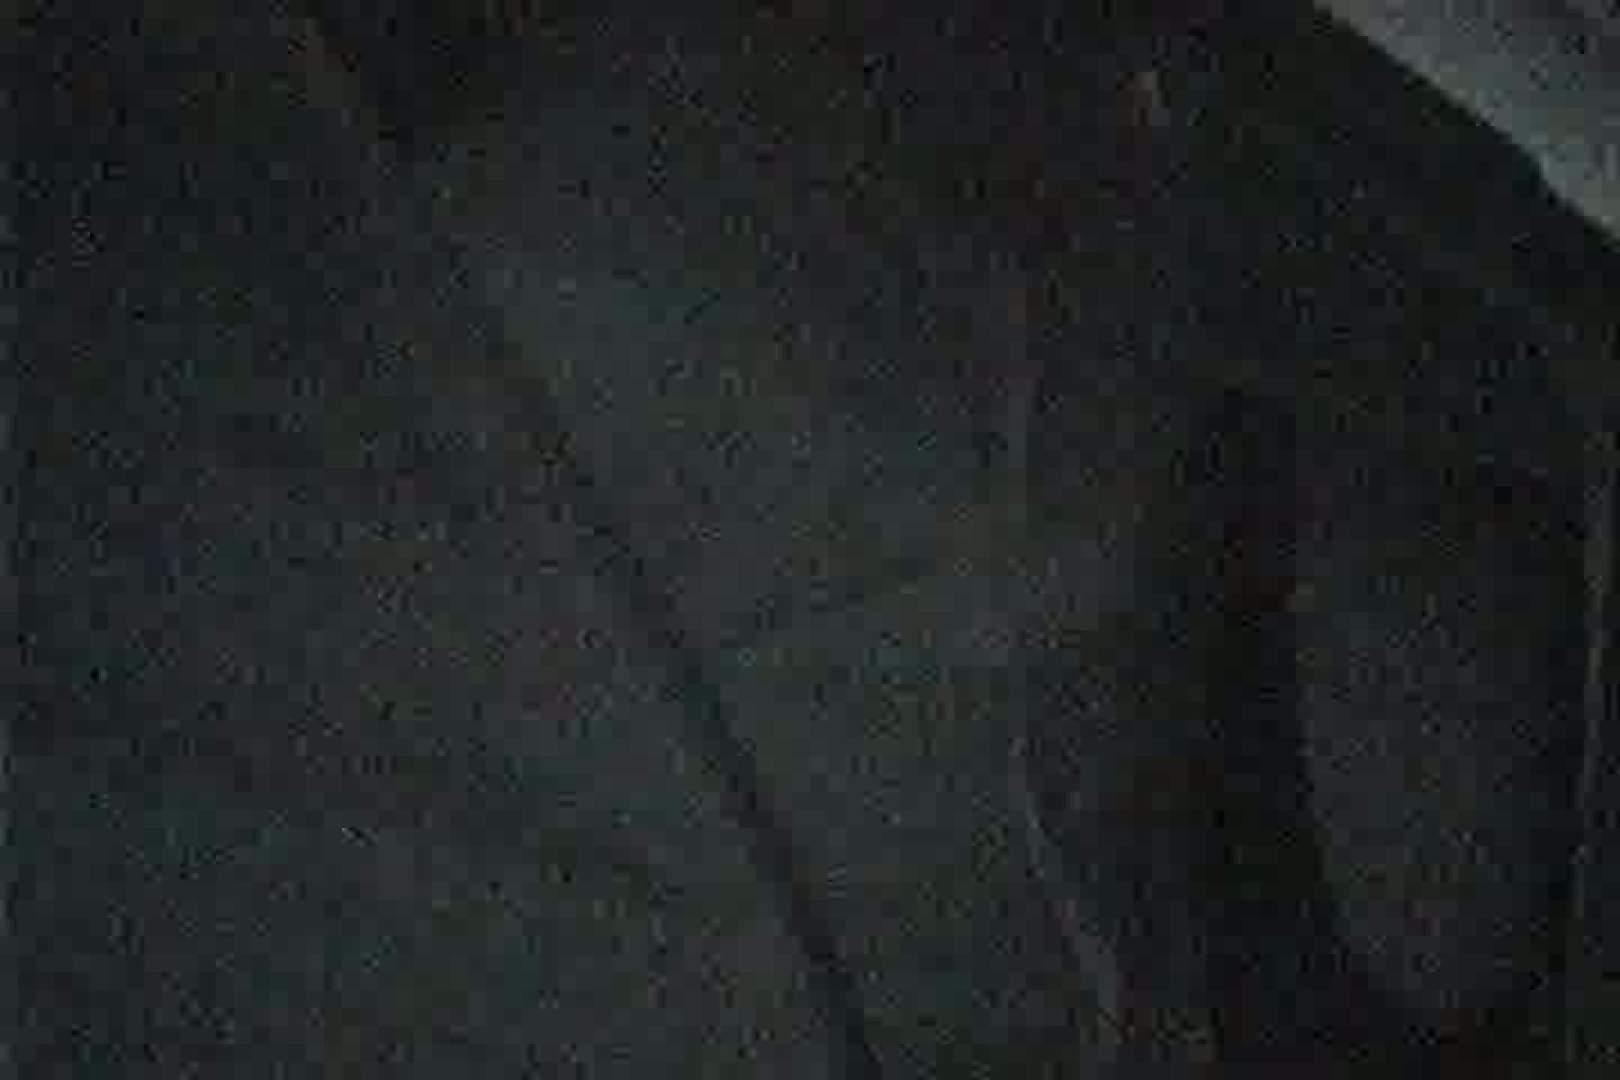 充血監督の深夜の運動会Vol.27 接写 盗撮えろ無修正画像 76画像 52